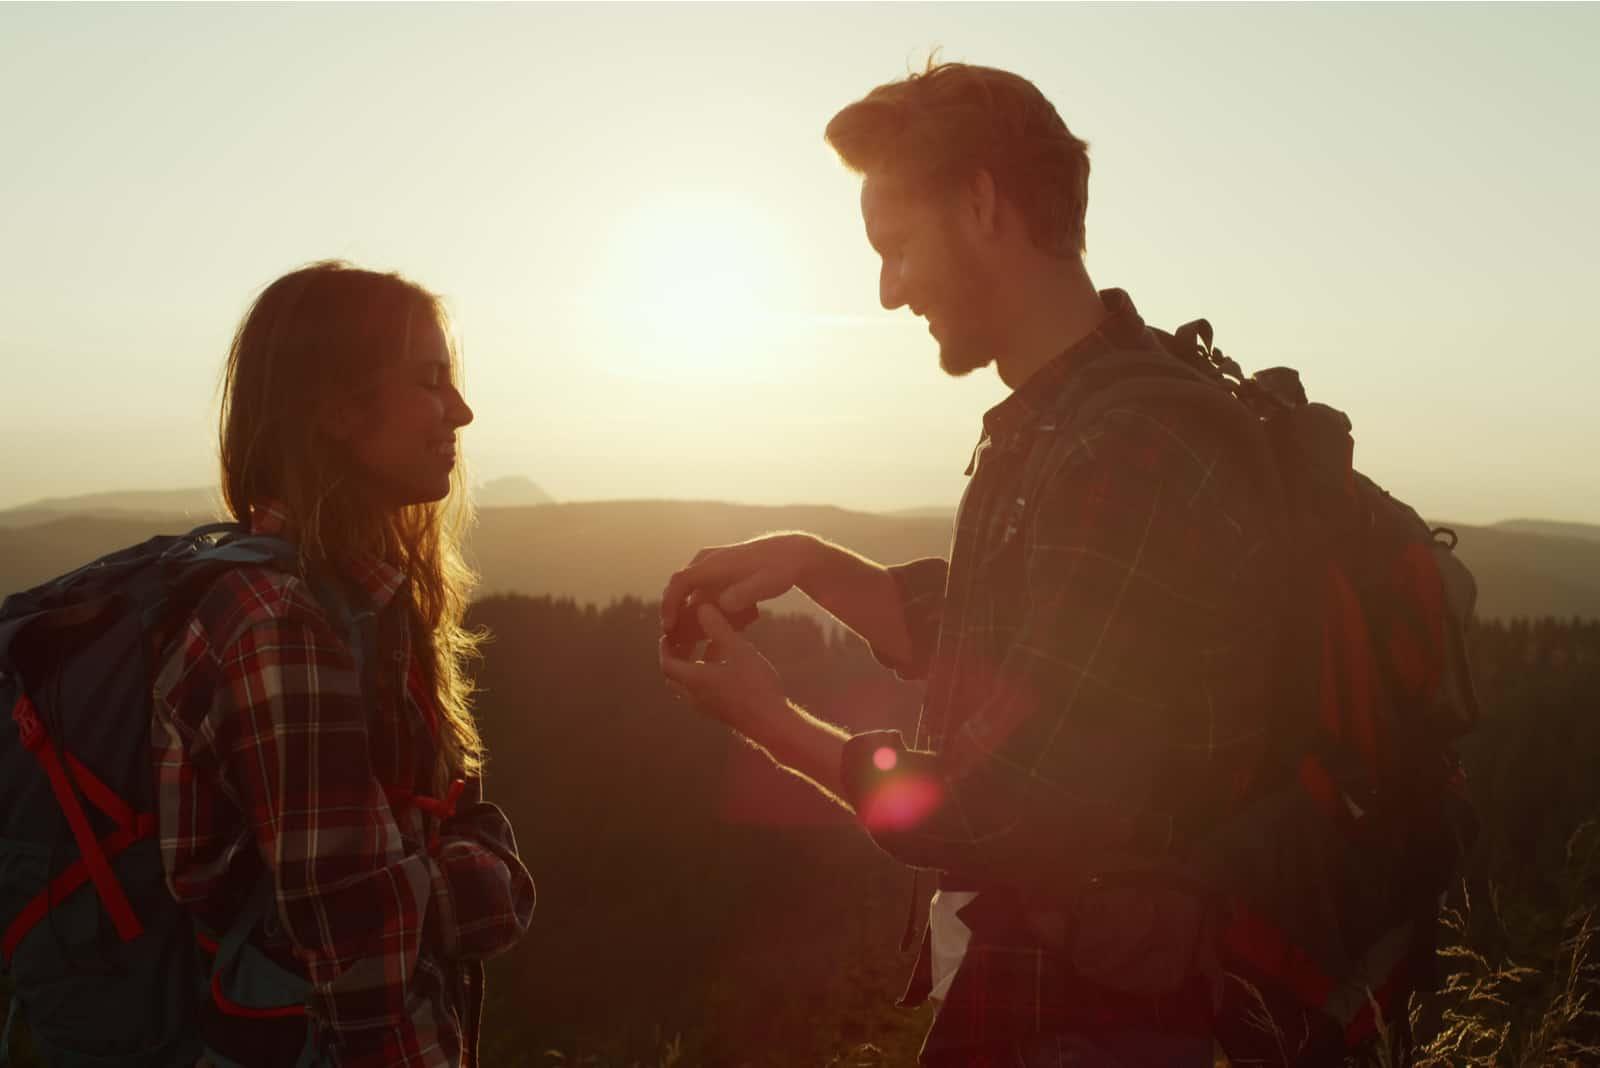 un homme a proposé à une femme sur un rocher